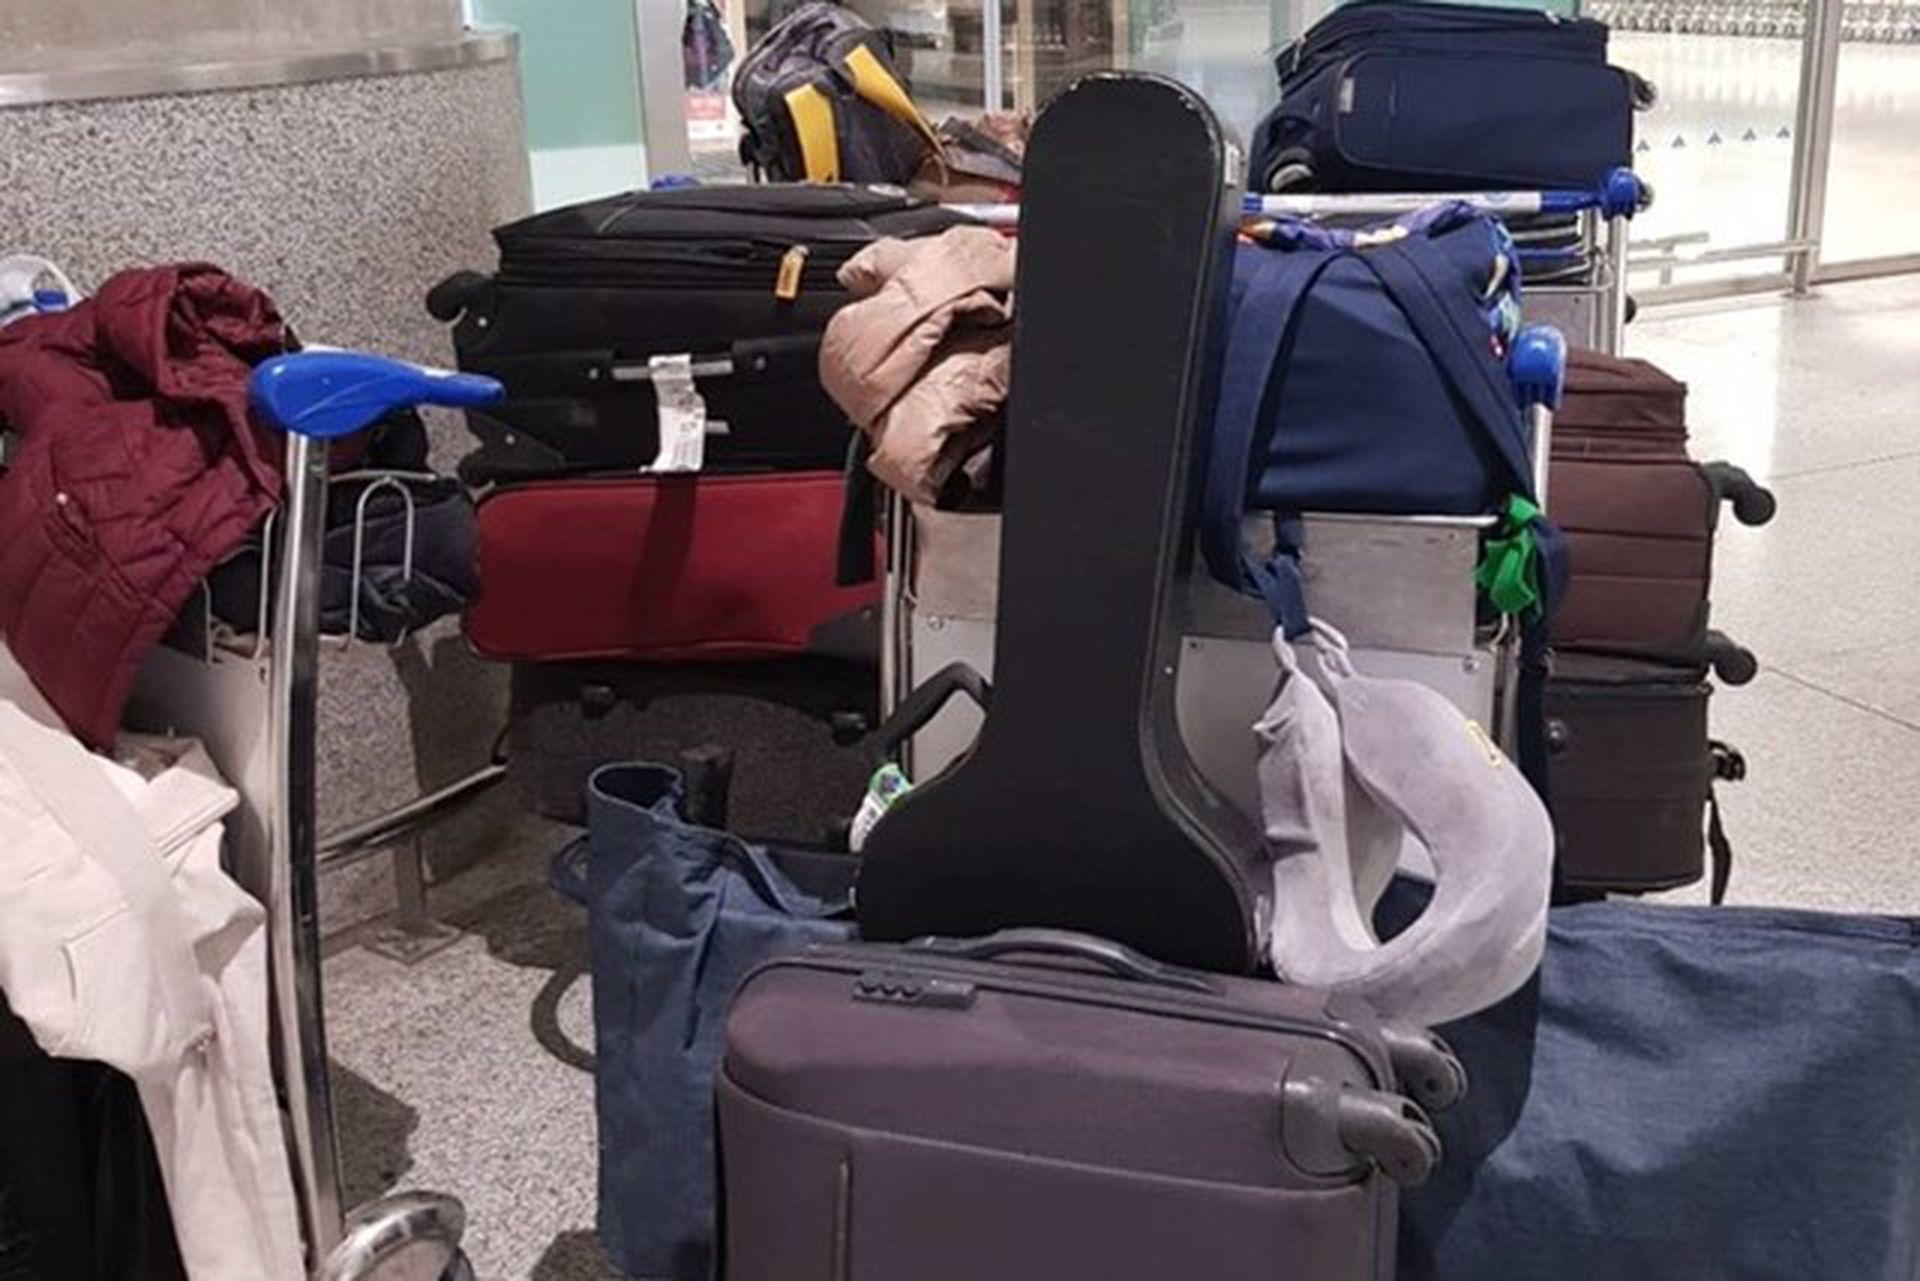 12 valijas, un teclado y una guitarra para mudarse